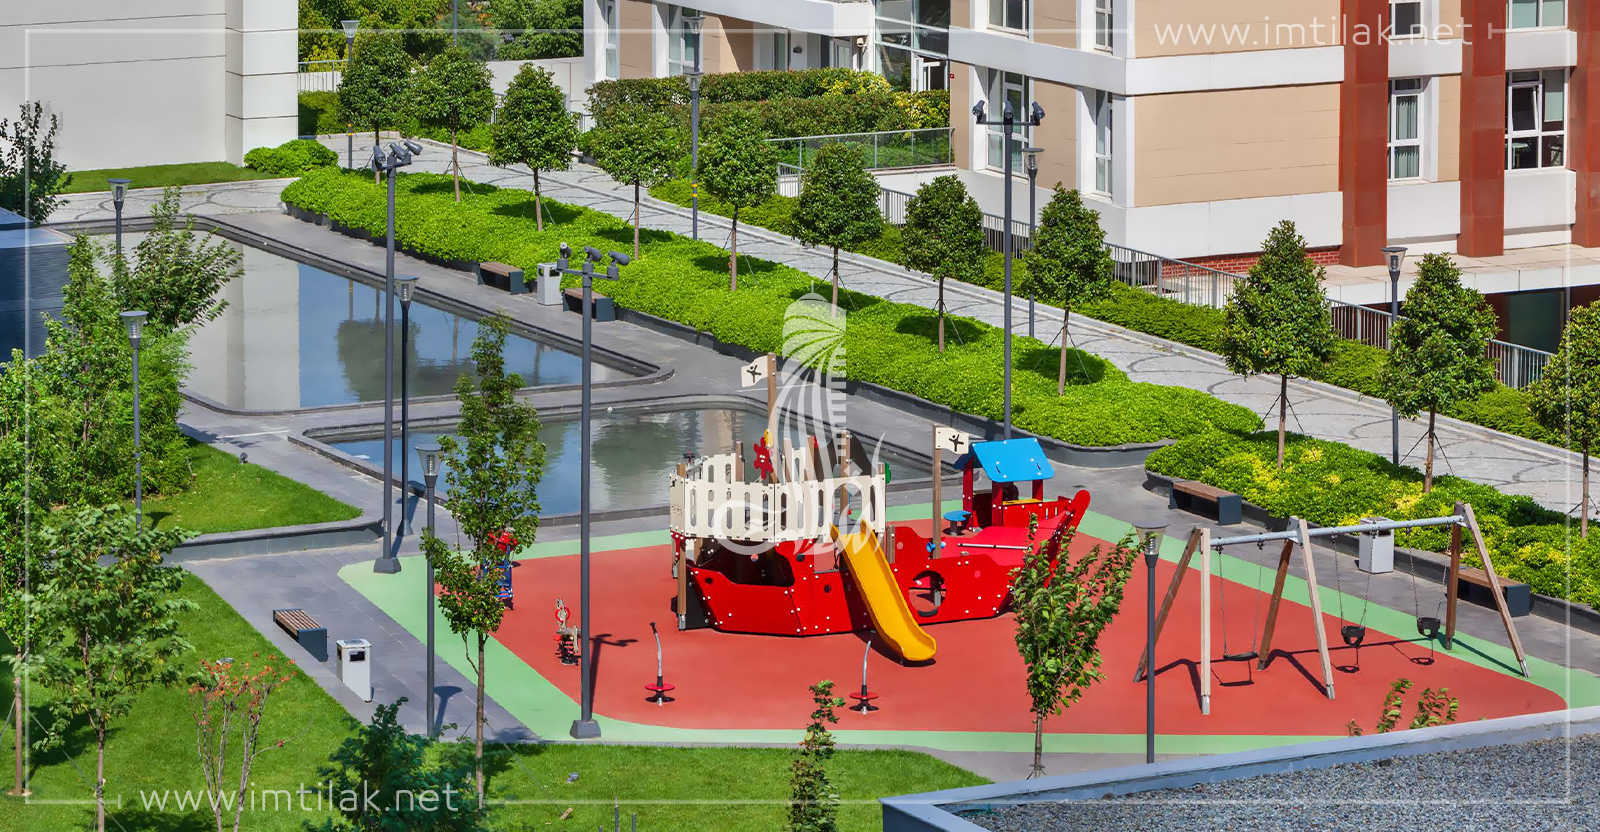 مجمع نورول اكسبرس IMT-116 - شقق في اسطنبول باغجلار